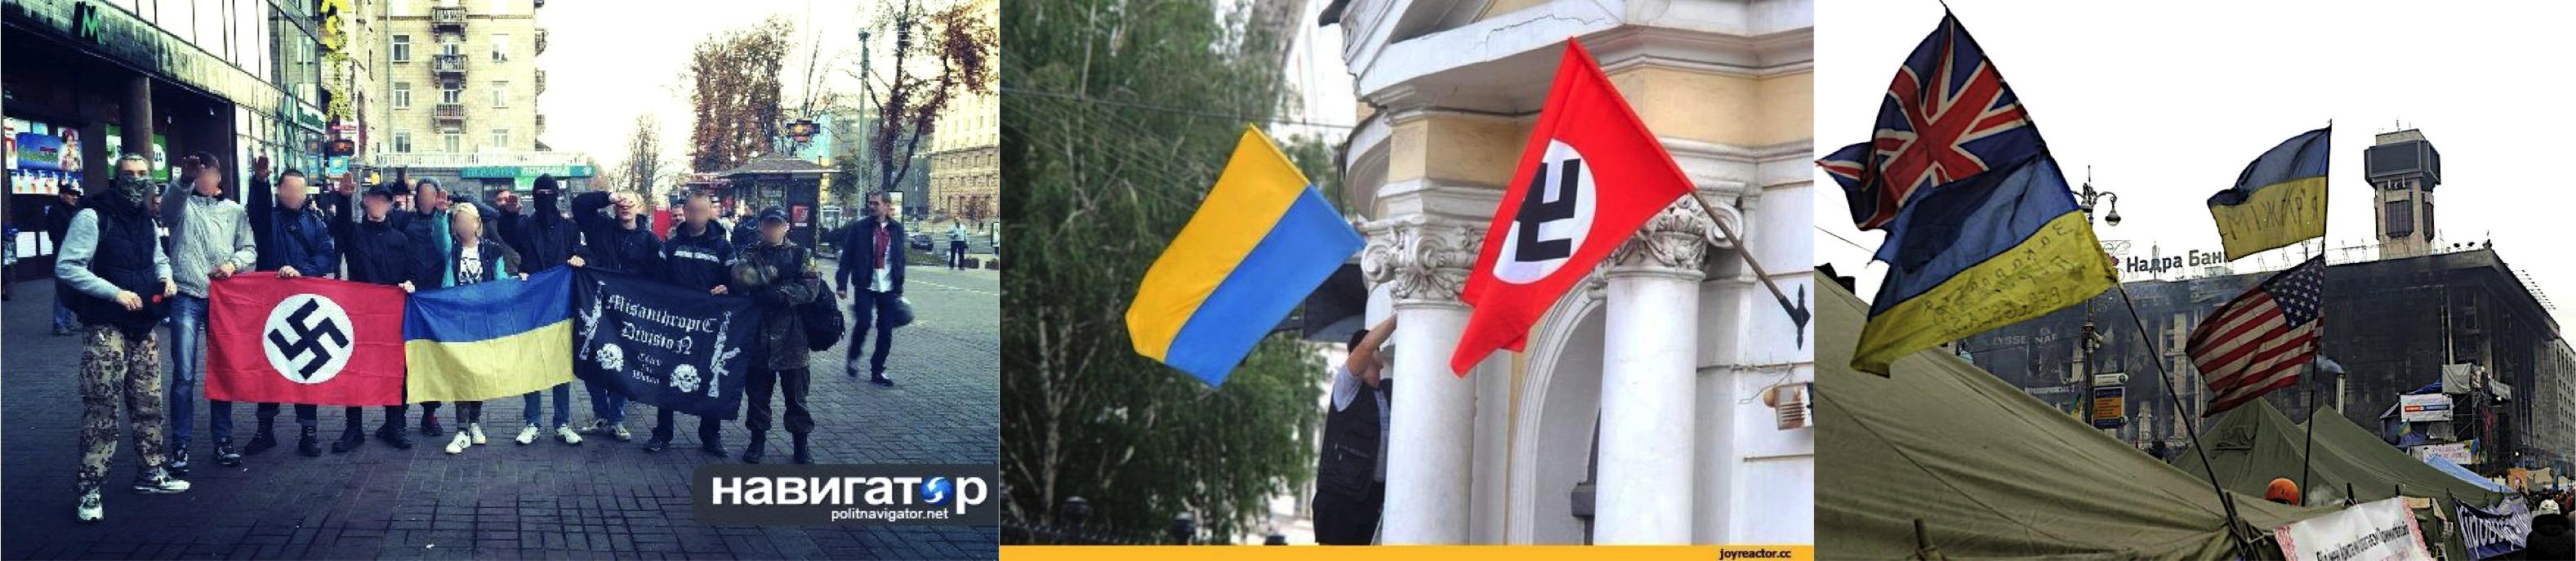 Drapeaux ukrainien et nazi flottant sur un bâtiment public, et drapeaux des alliés de Porochenko... Tout un symbole